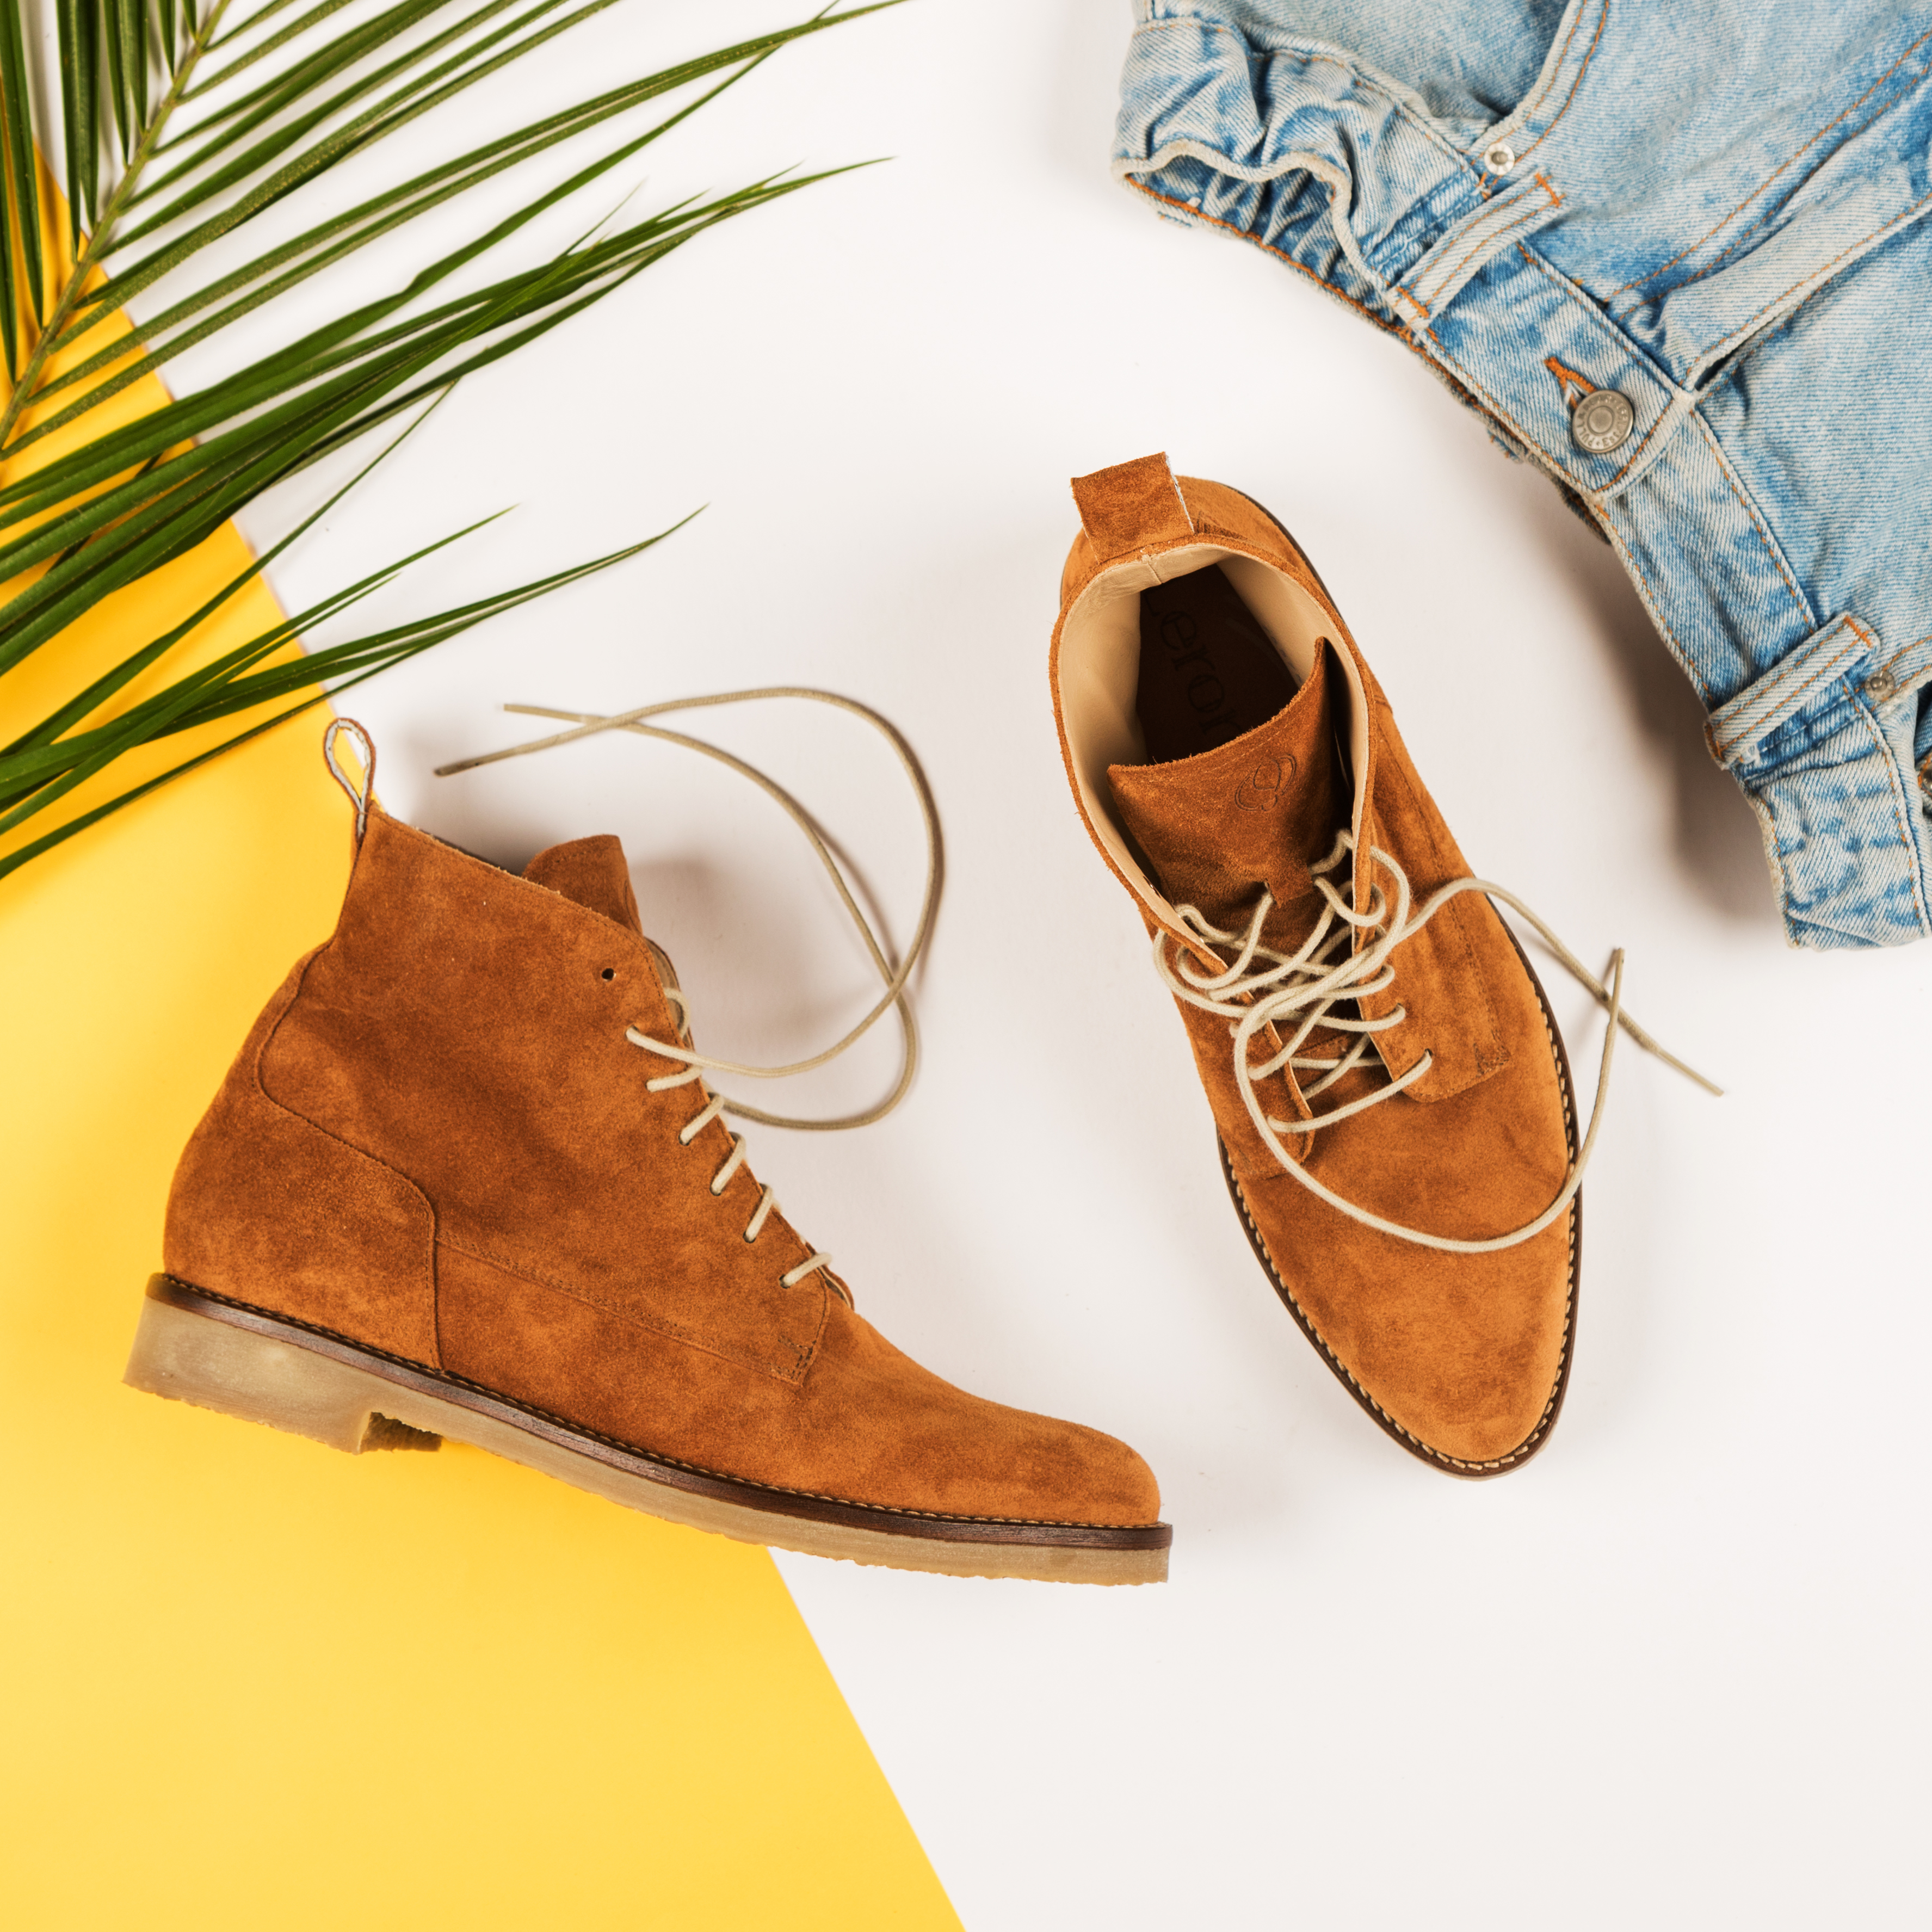 blog-lerora-hippe-schoenen-voor-steunzolen-1